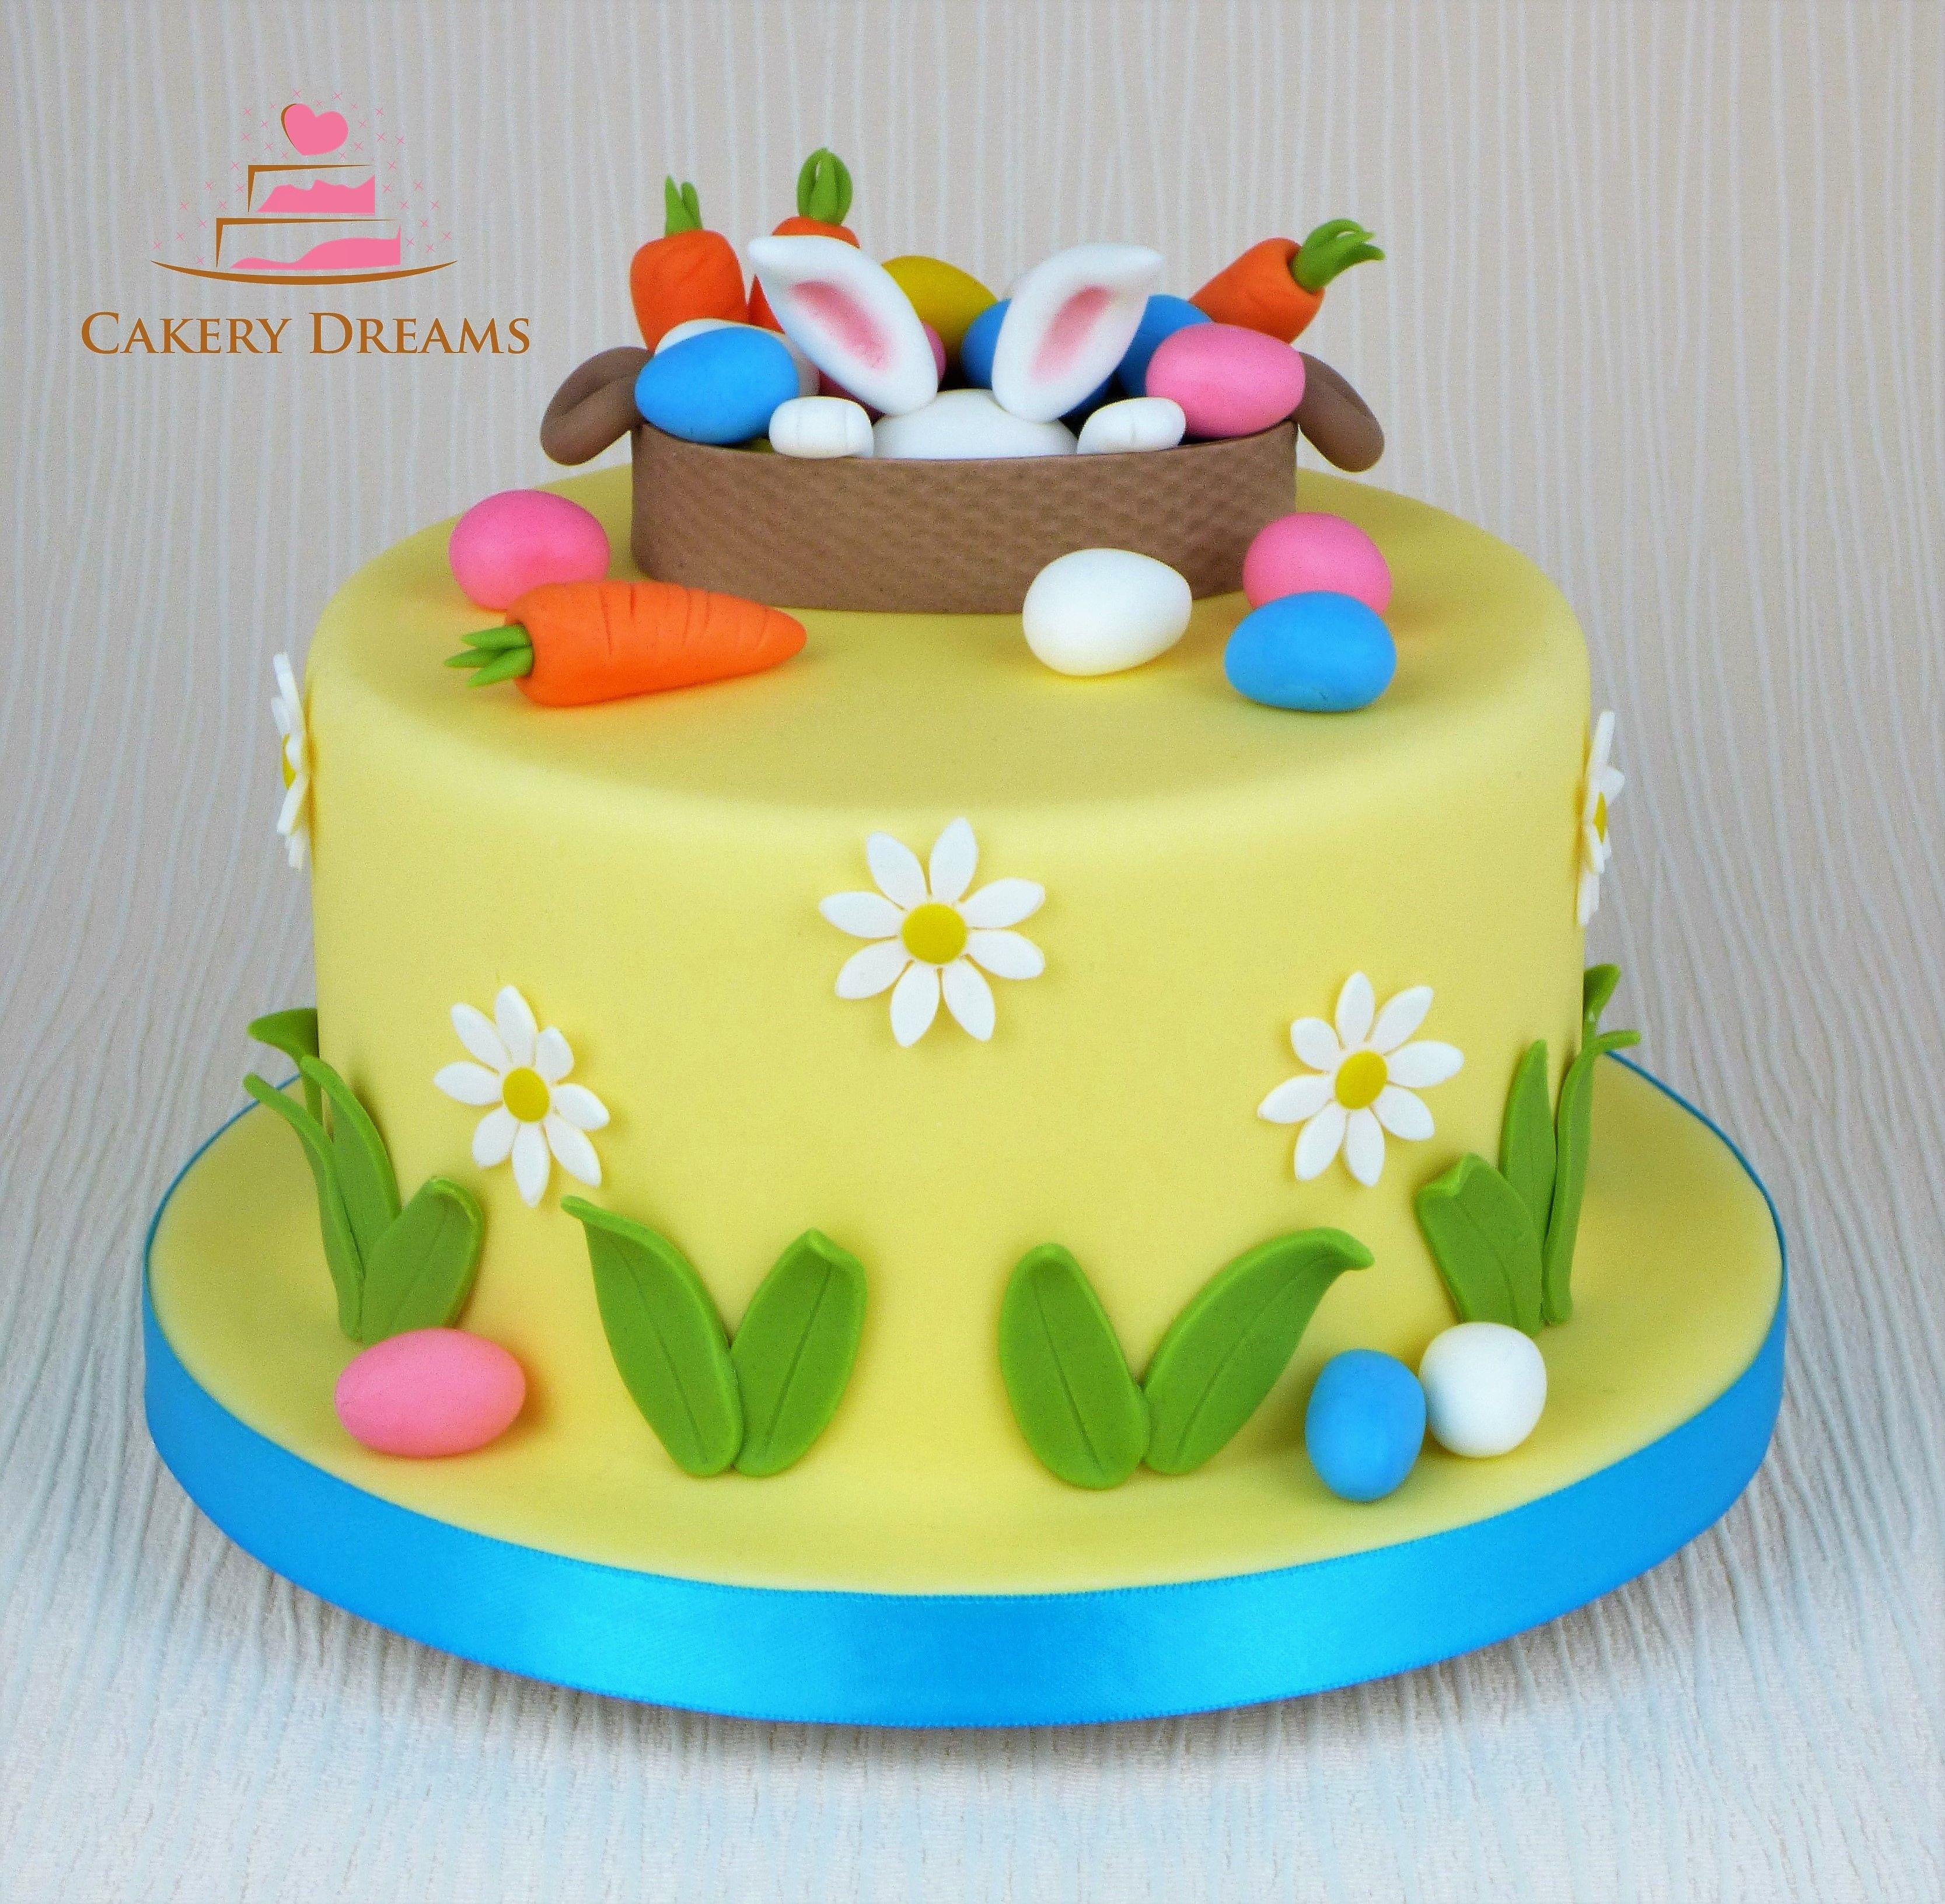 Easter Cake Cake Easter Fondant Cakedekoration Torten Cakedesign Cakedecorating Torten Easter Bolo Mit Bildern Motivtorten Ostern Osterkuchen Tortendeko